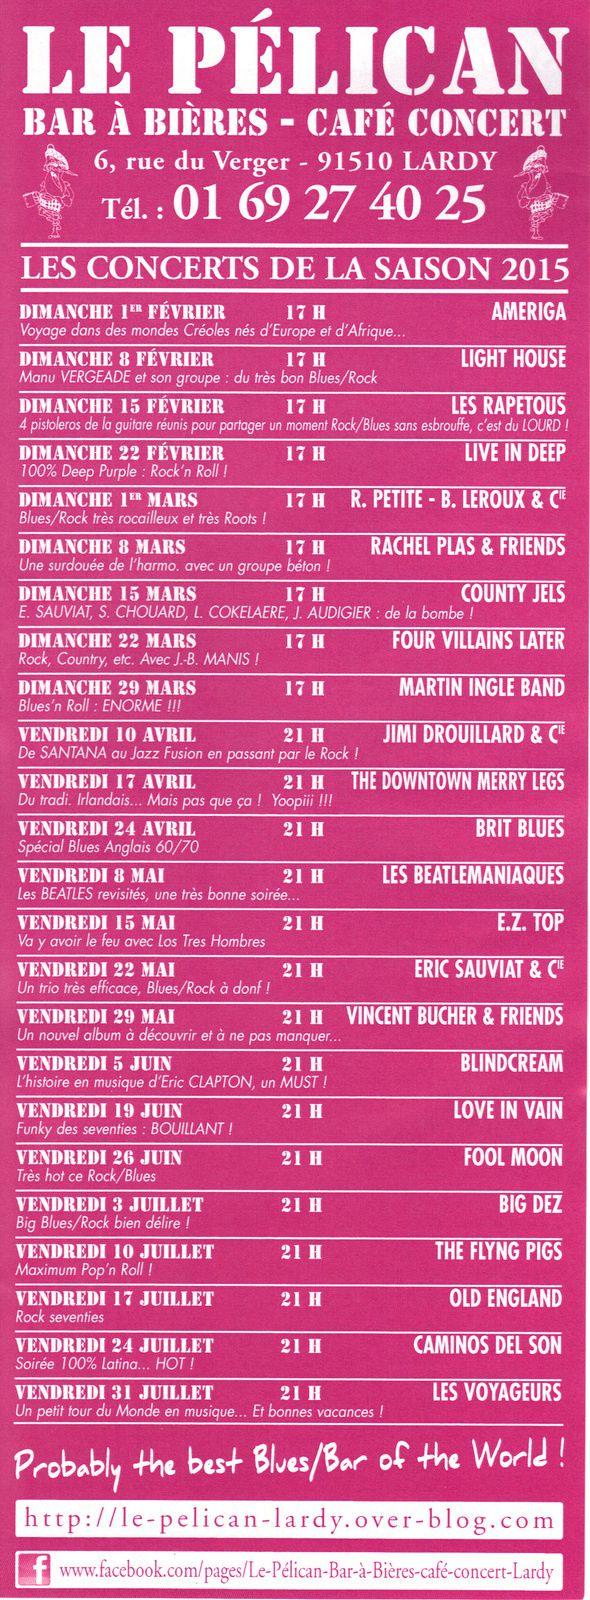 Le programme des concerts de la saison 2015 est arrivé !